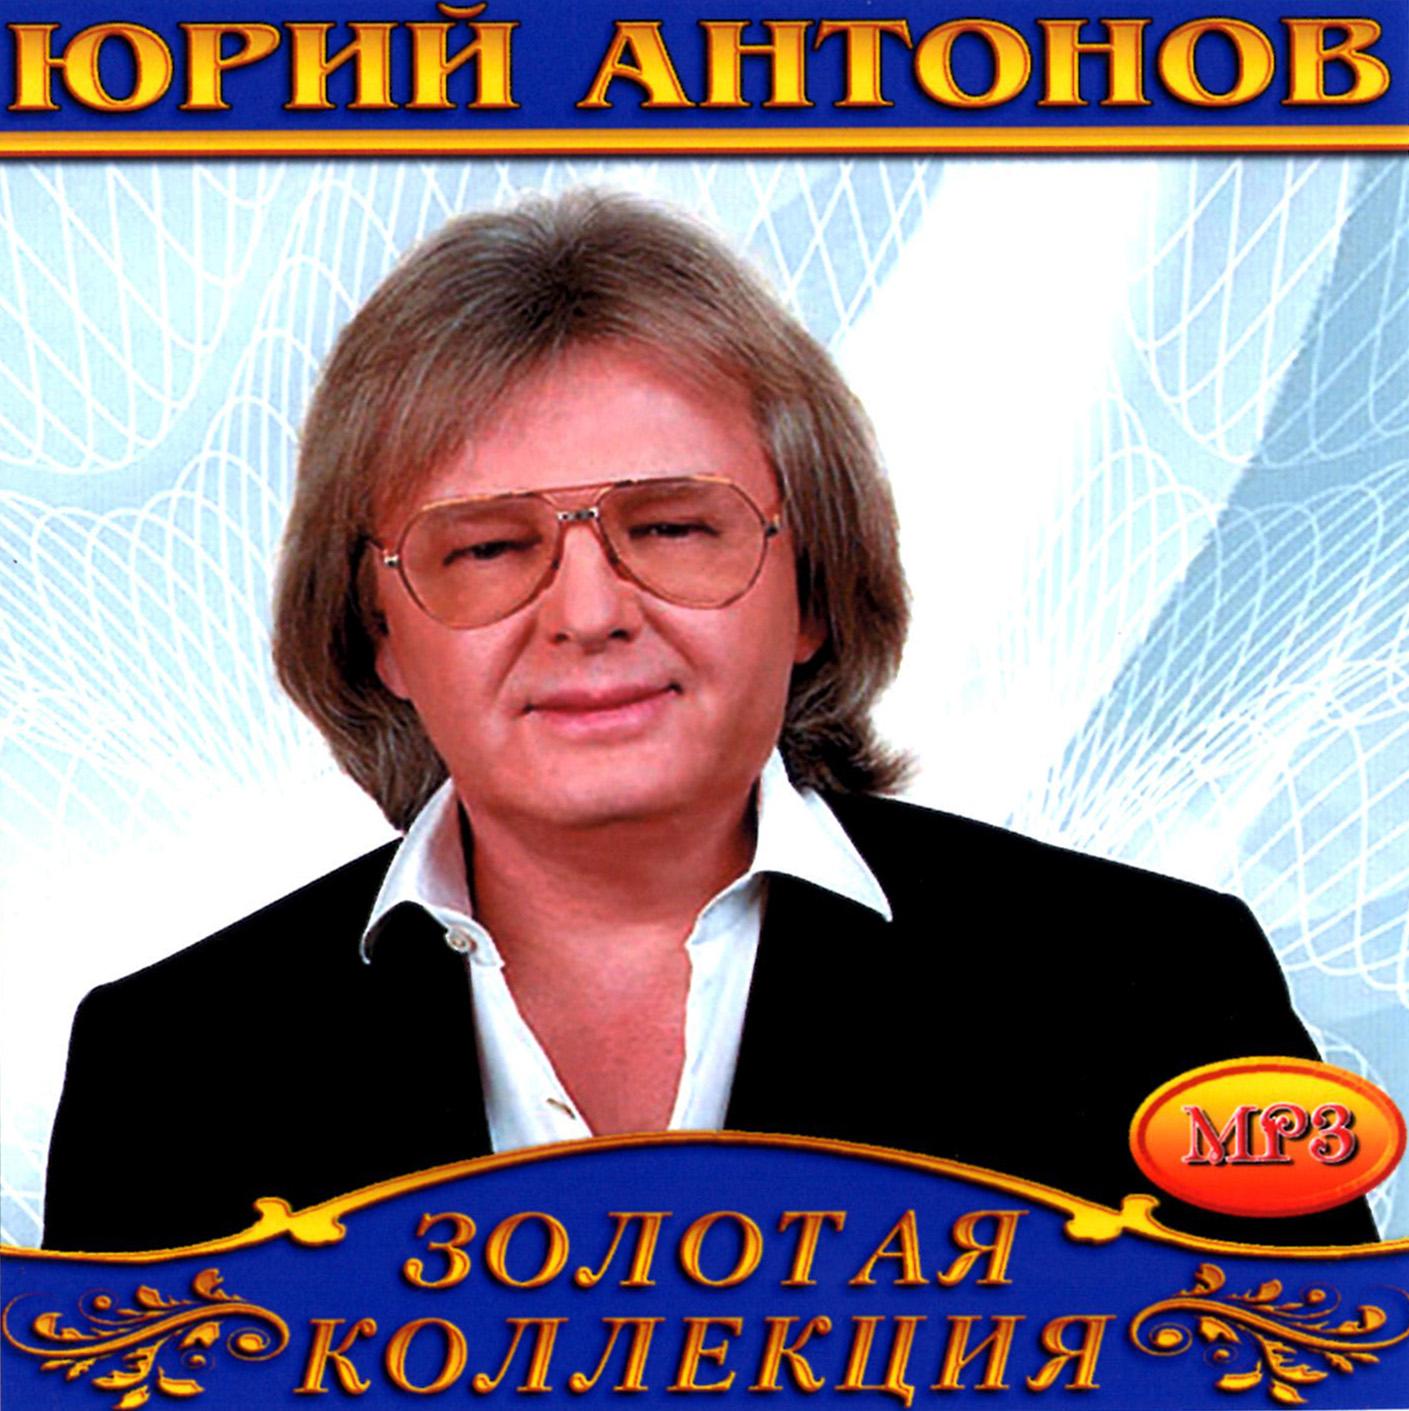 Юрий Антонов [mp3]